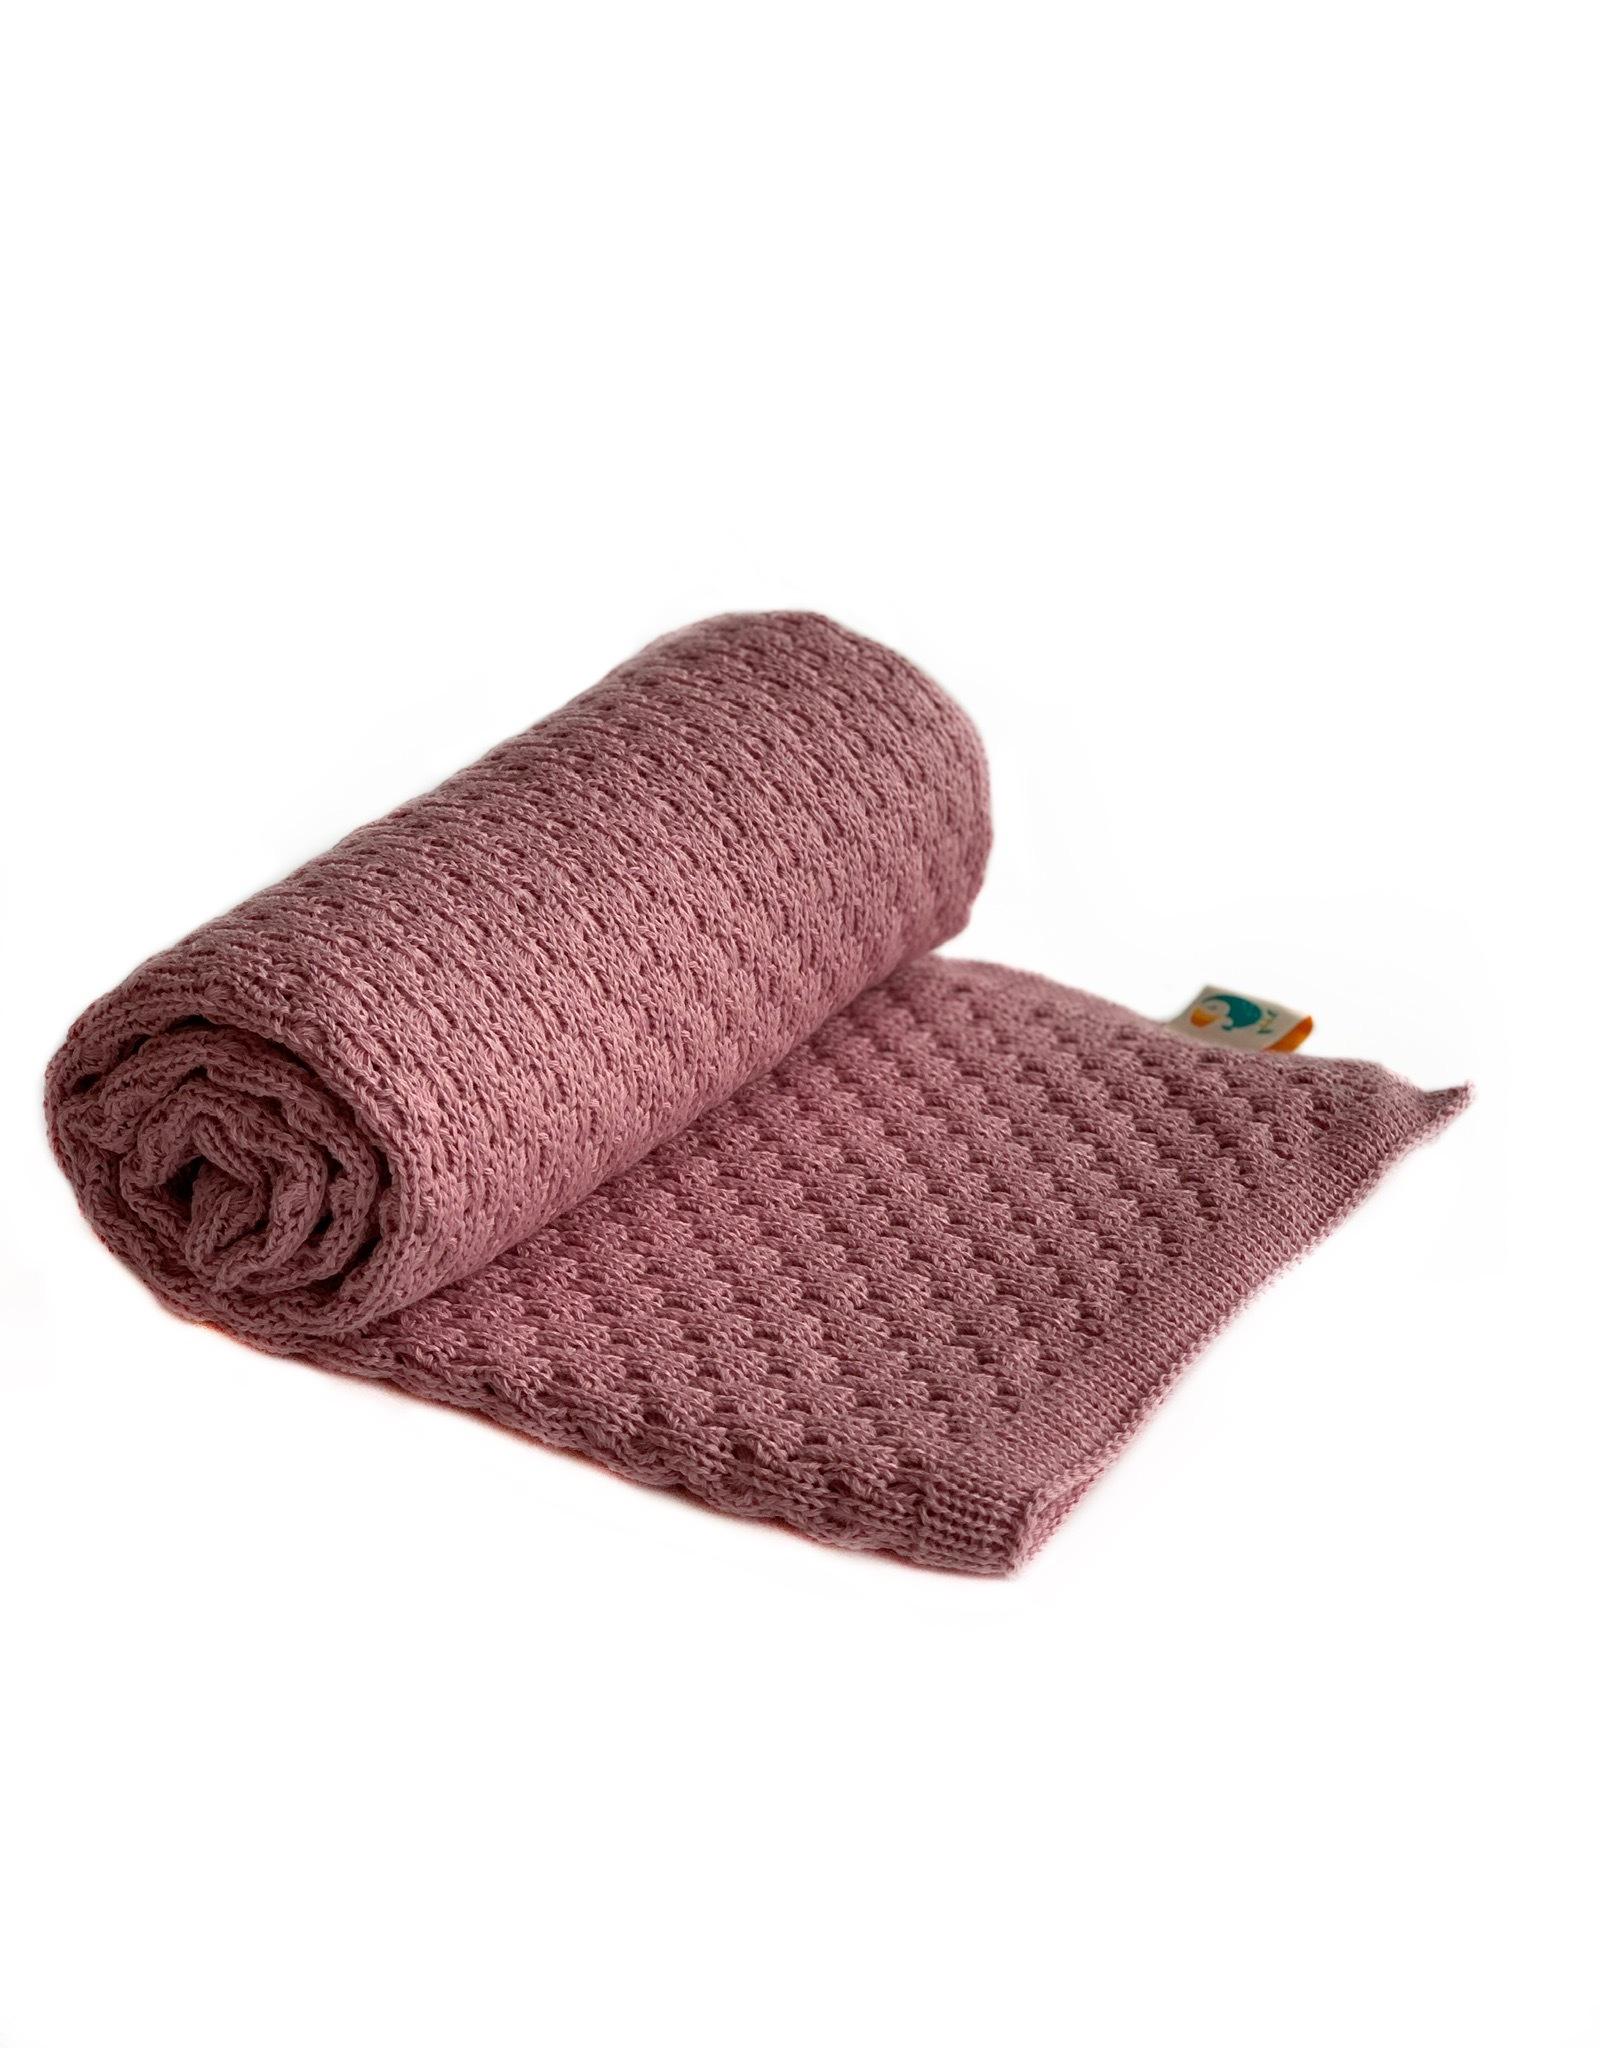 Хлопковый плед Air пыльная роза купить в интернет-магазине toucankids.ru от производителя по низкой цене